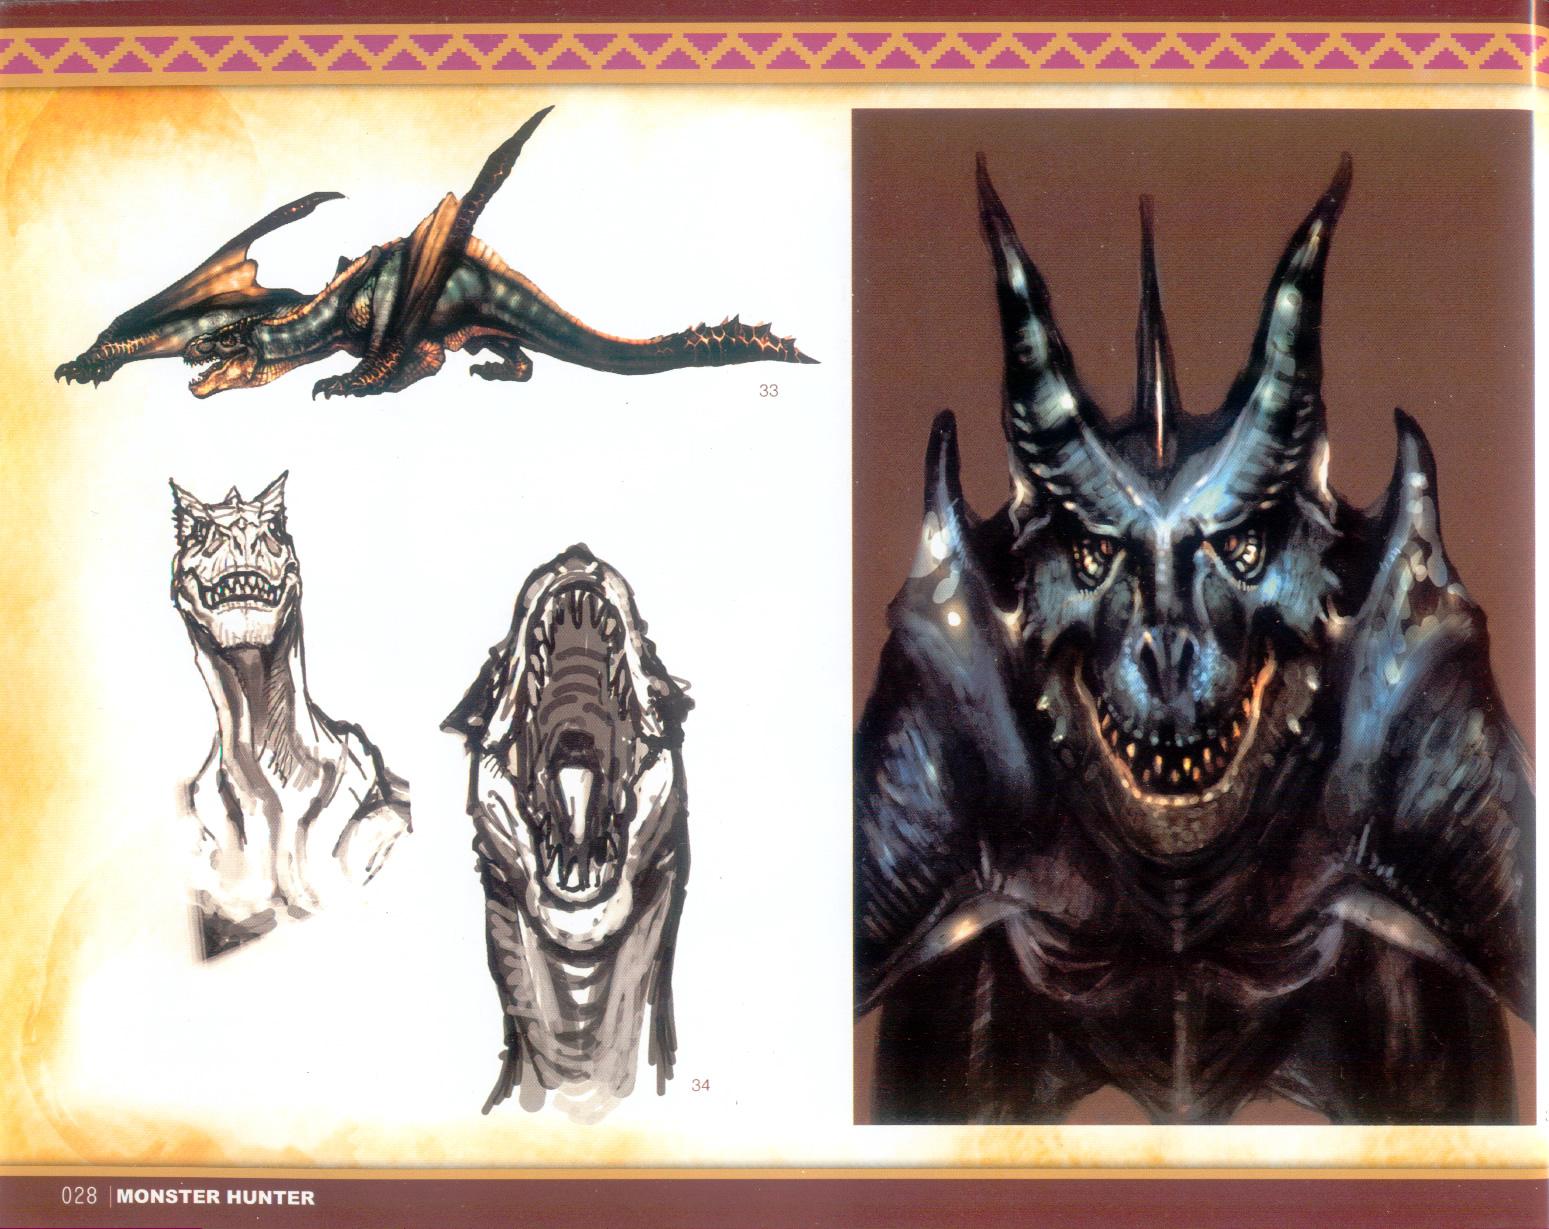 028_关注-游艺网GAME798海量资源下载怪物猎人终极画集.jpg